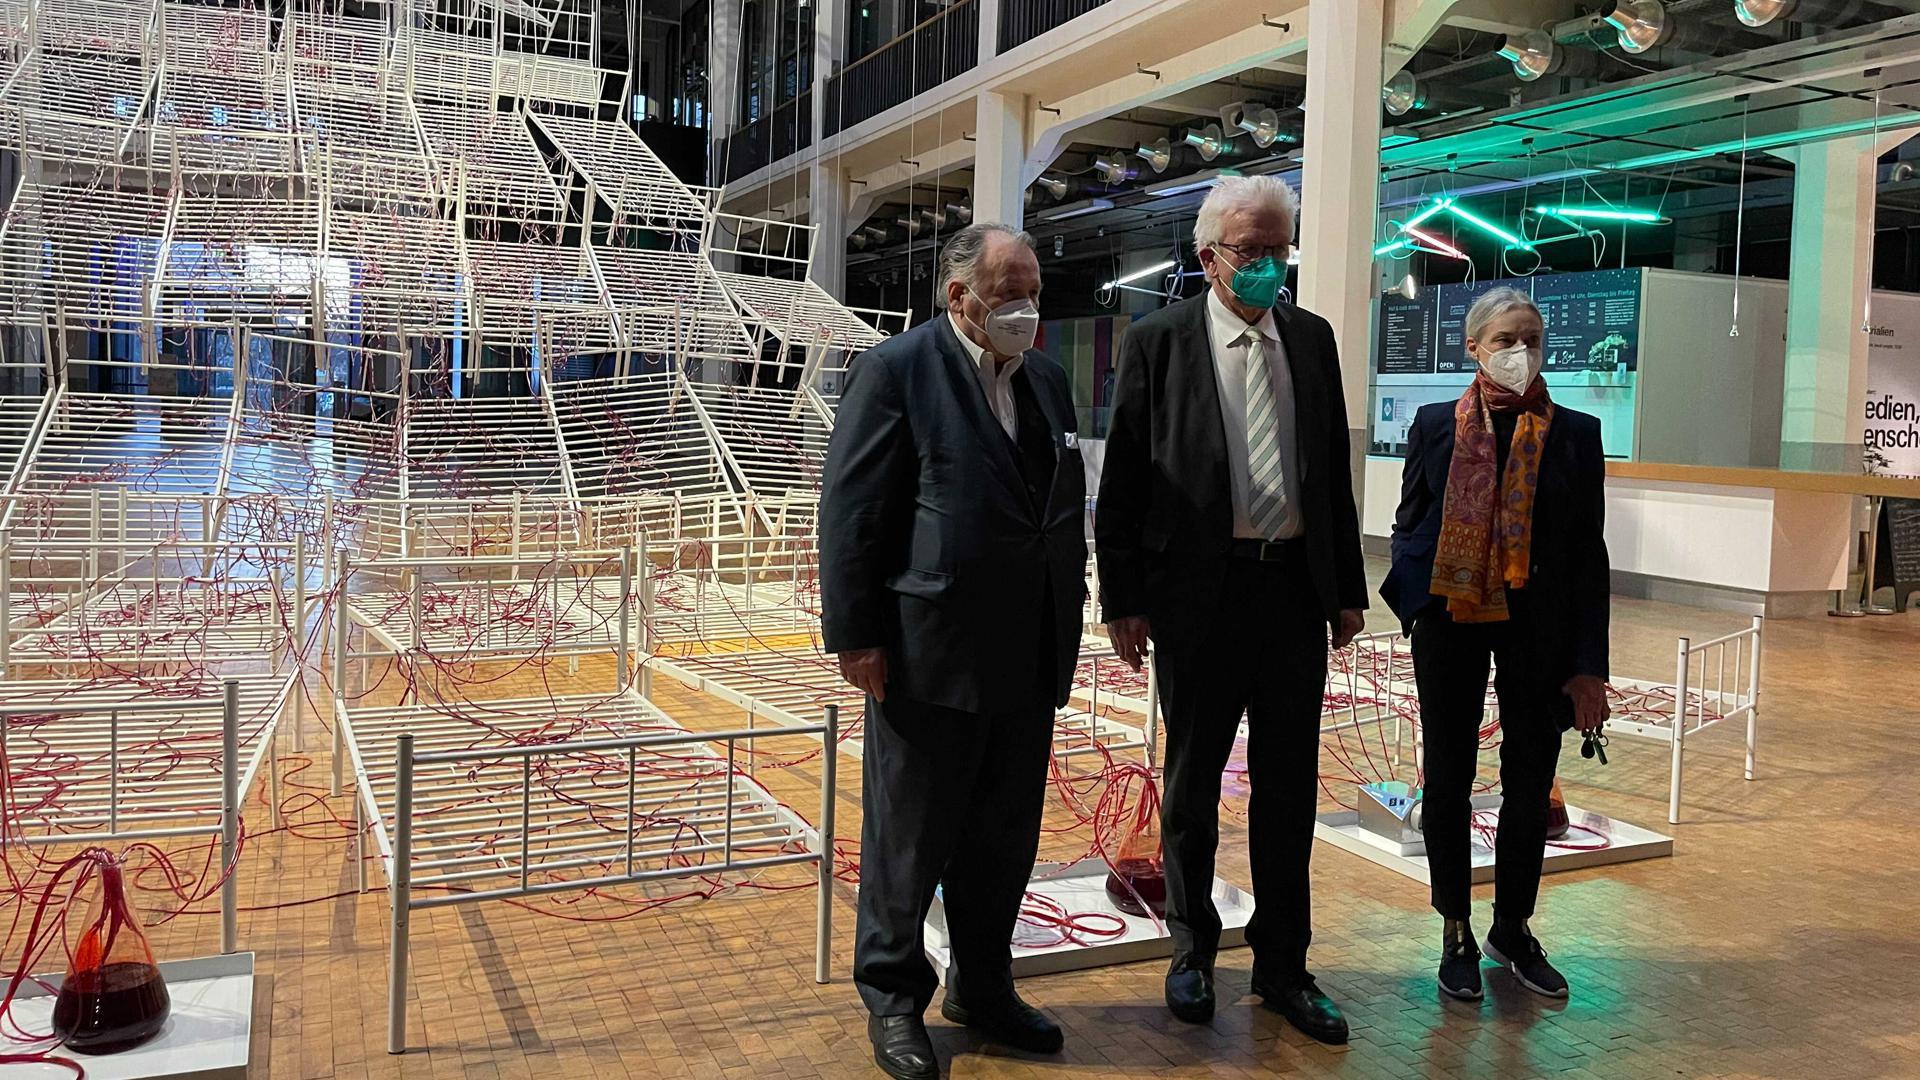 ZKM-Leiter Peter Weibel (links), Christiane Riedel und Ministerpräsident Winfried Kretschmann im ZKM in Karlsruhe.